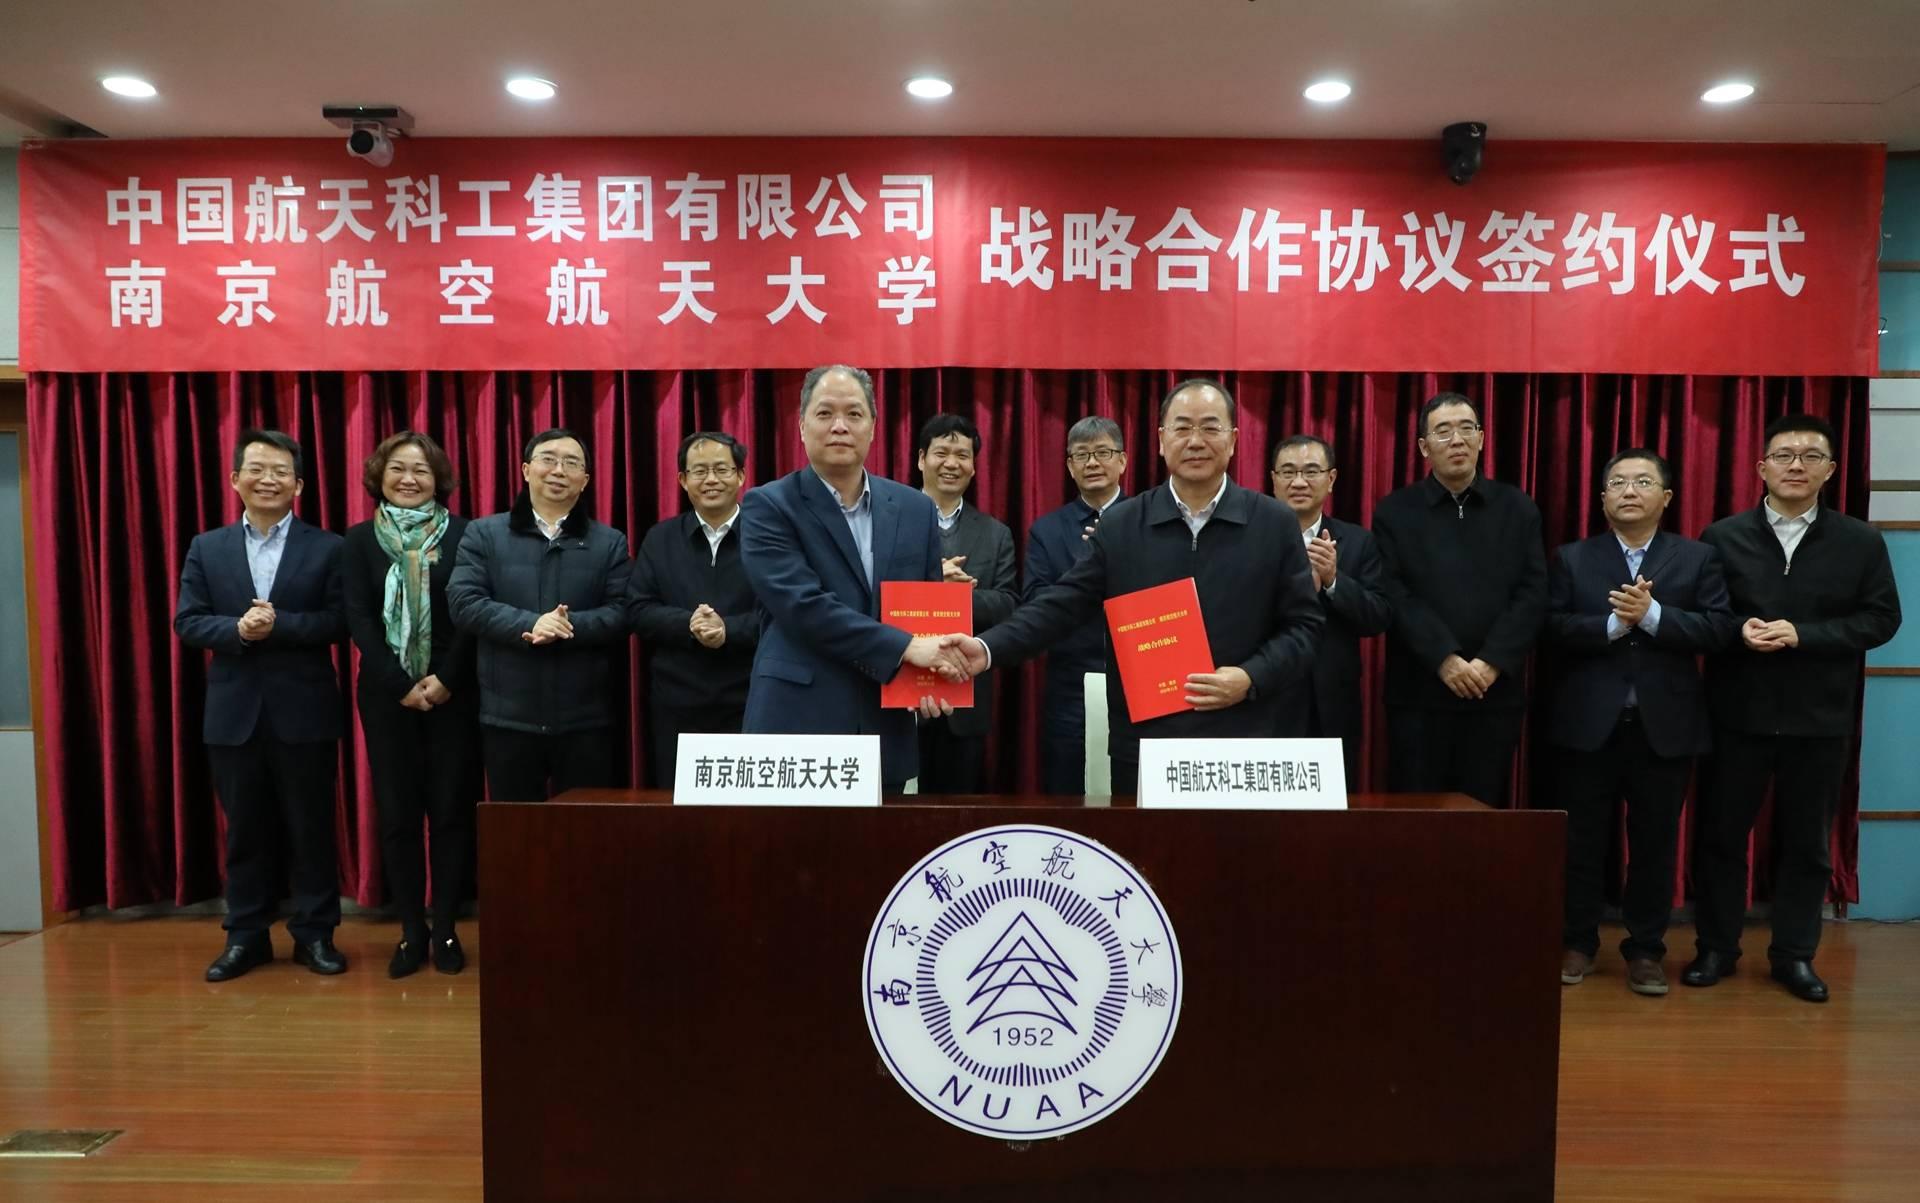 中国航天科工和南京航空航天大学签署战略合作协议